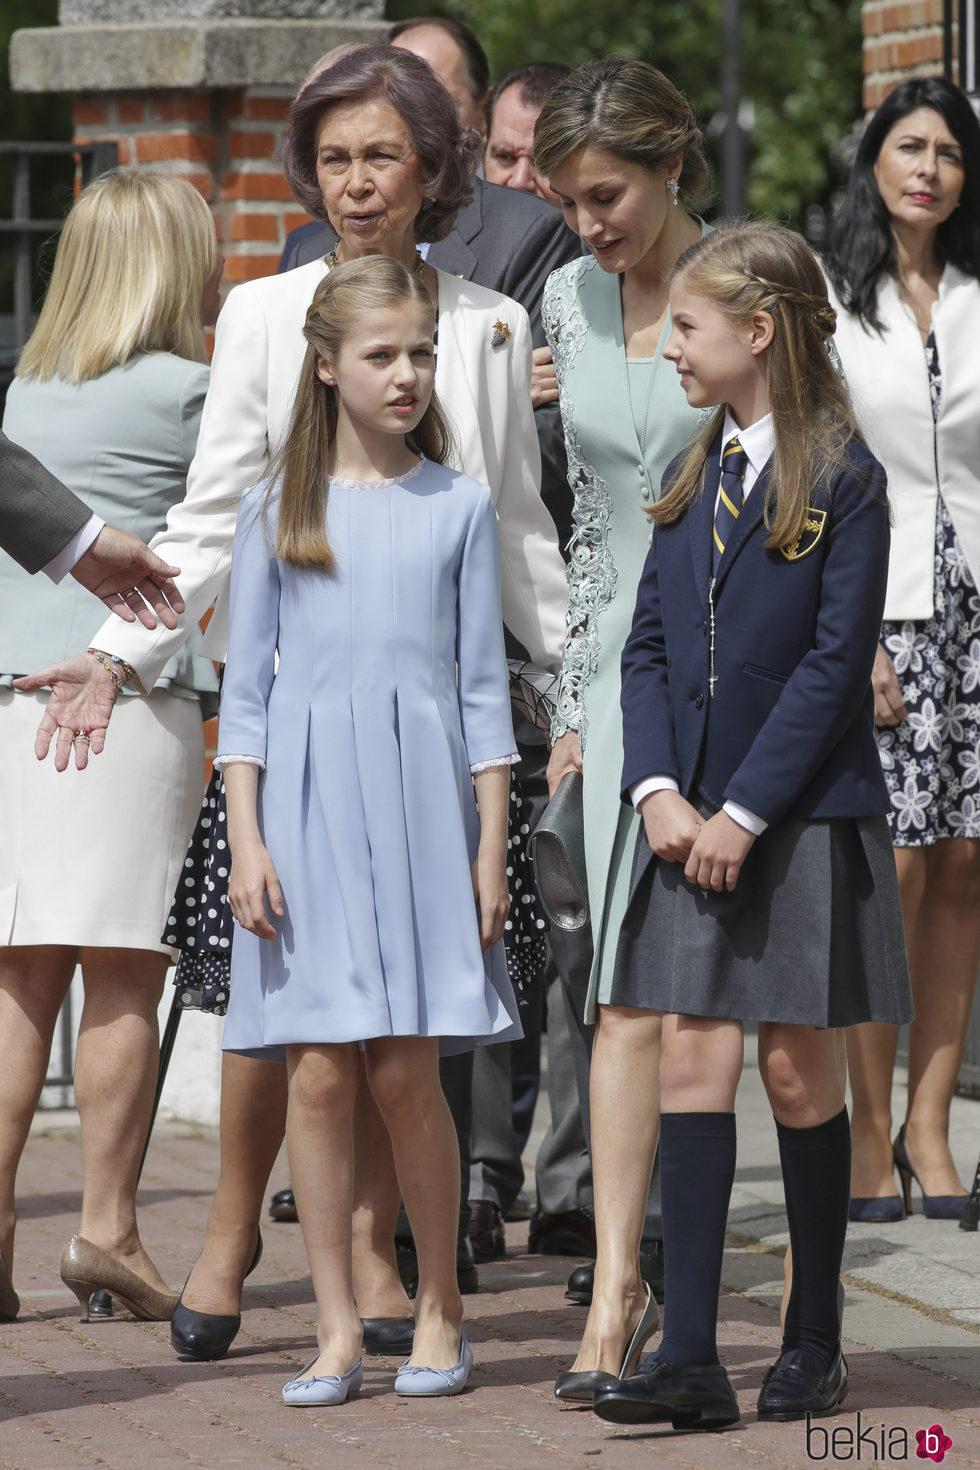 La Infanta Sofía con la Princesa Leonor, la Reina Letizia, la Reina Sofía y Ana Togores en su Comunión